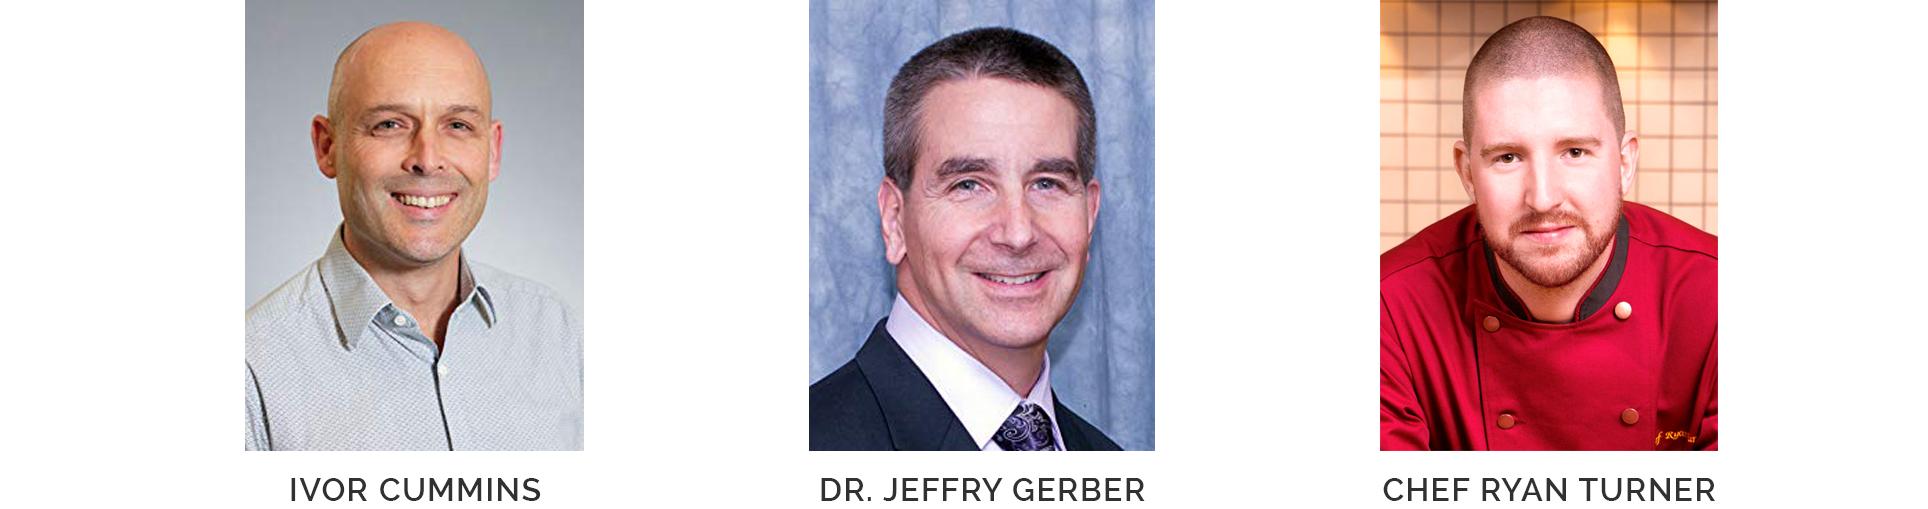 BEST LOW CARB AND KETO COOKBOOKS - IVOR CUMMINS - DR JEFFREY GERBER - RYAN TURNER - EAT RICH LIVE LONG BOOK.jpg